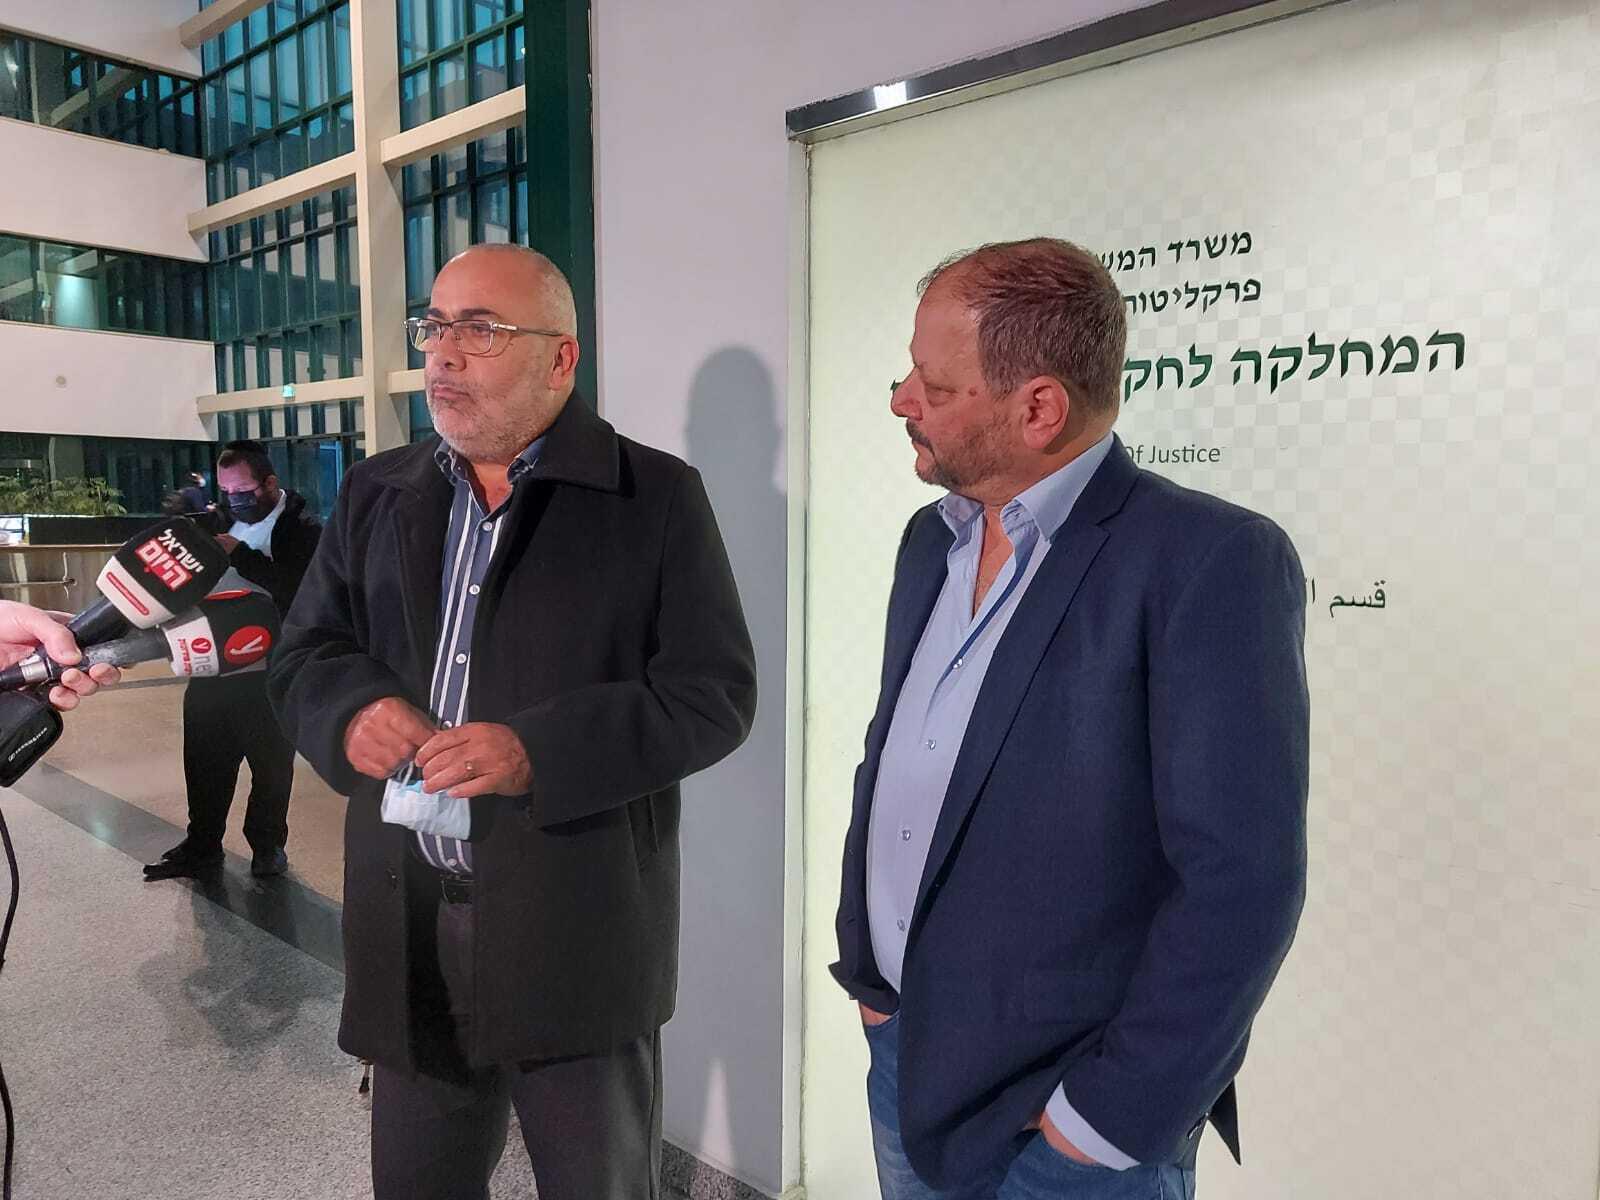 """חבר הכנסת עופר כסיף הגיע למסור הצהרה היום טרם נכנס להגיש תלונה במשרדי מח""""ש"""